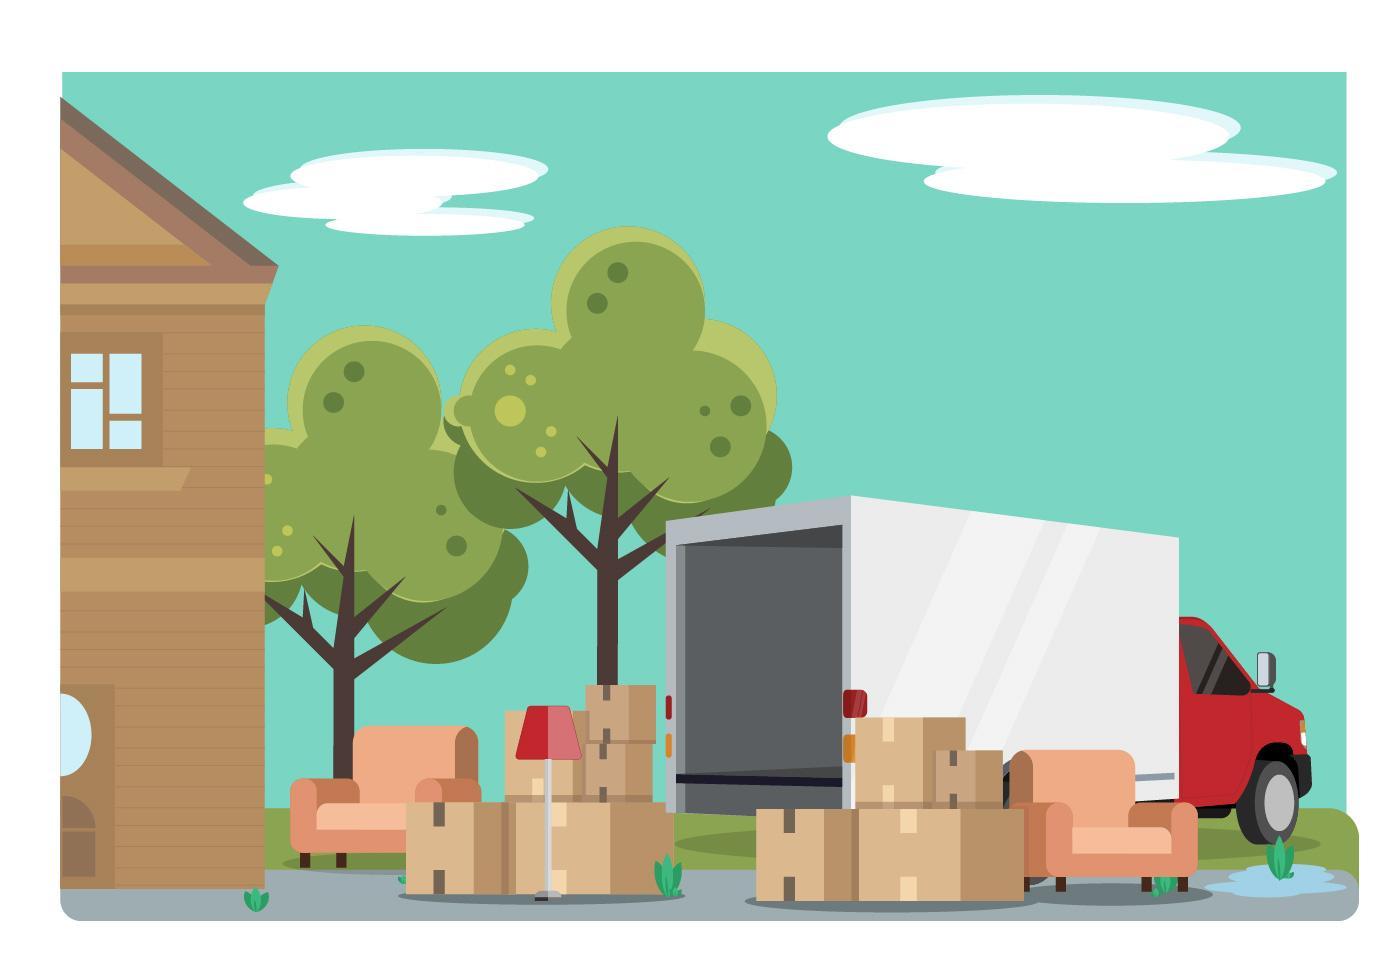 英国夫妇欲支付高额费用招募搬家工,要求必须赤身裸体装卸物品